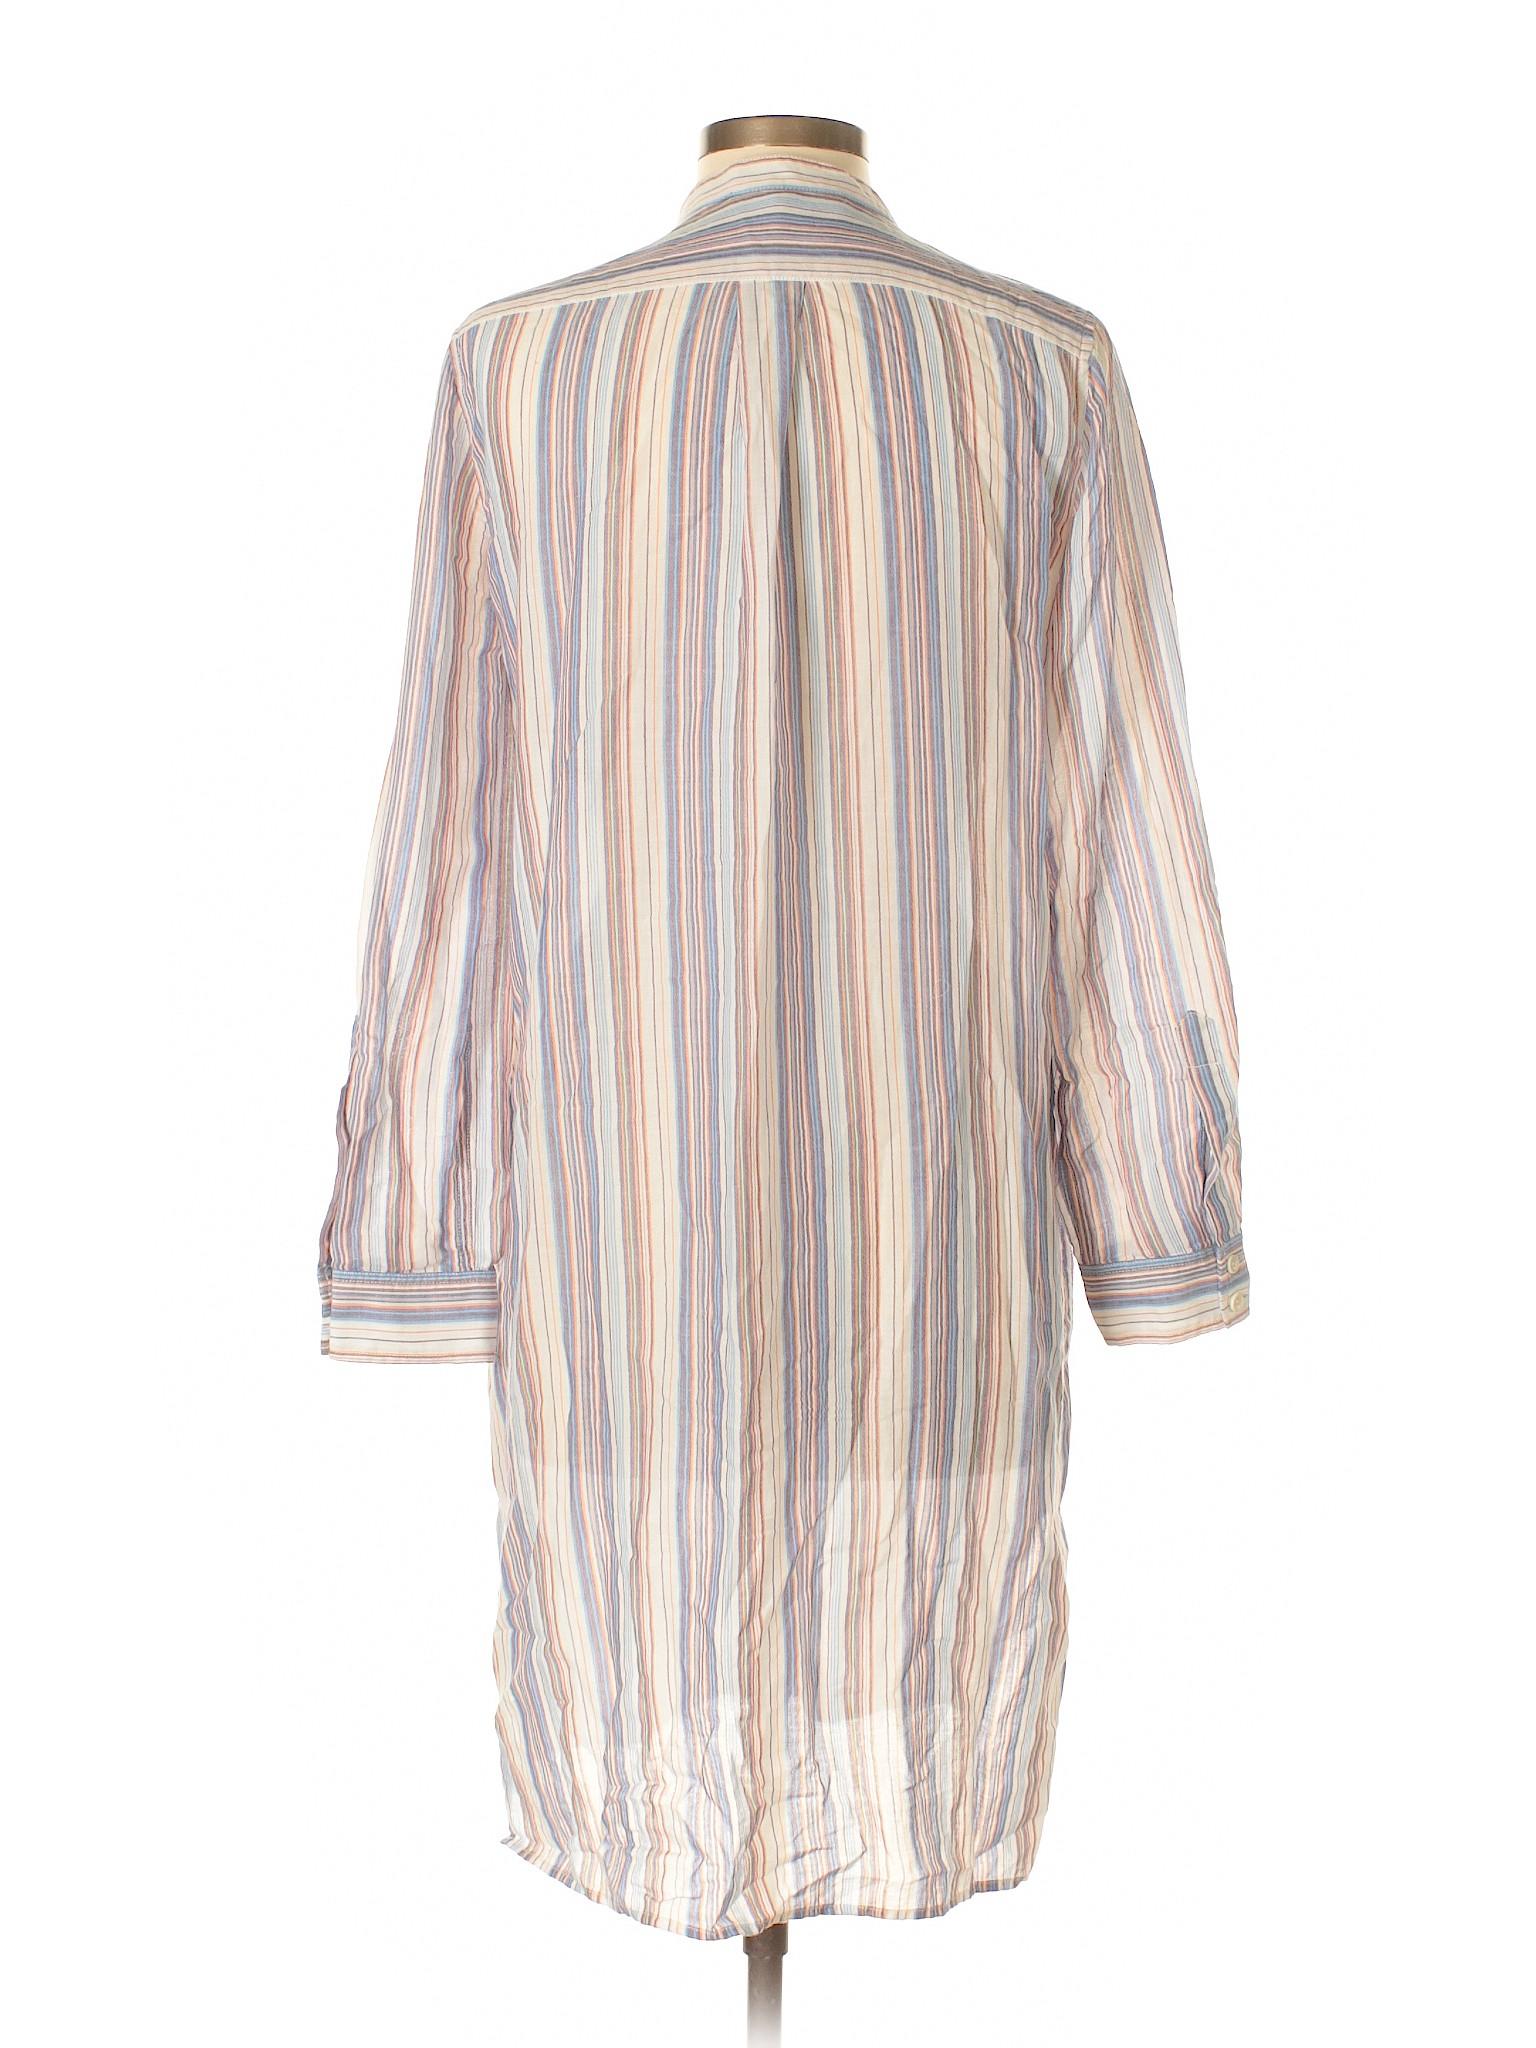 Bcbgmaxazria Dress Casual Boutique Winter Winter Boutique HXOtnT8